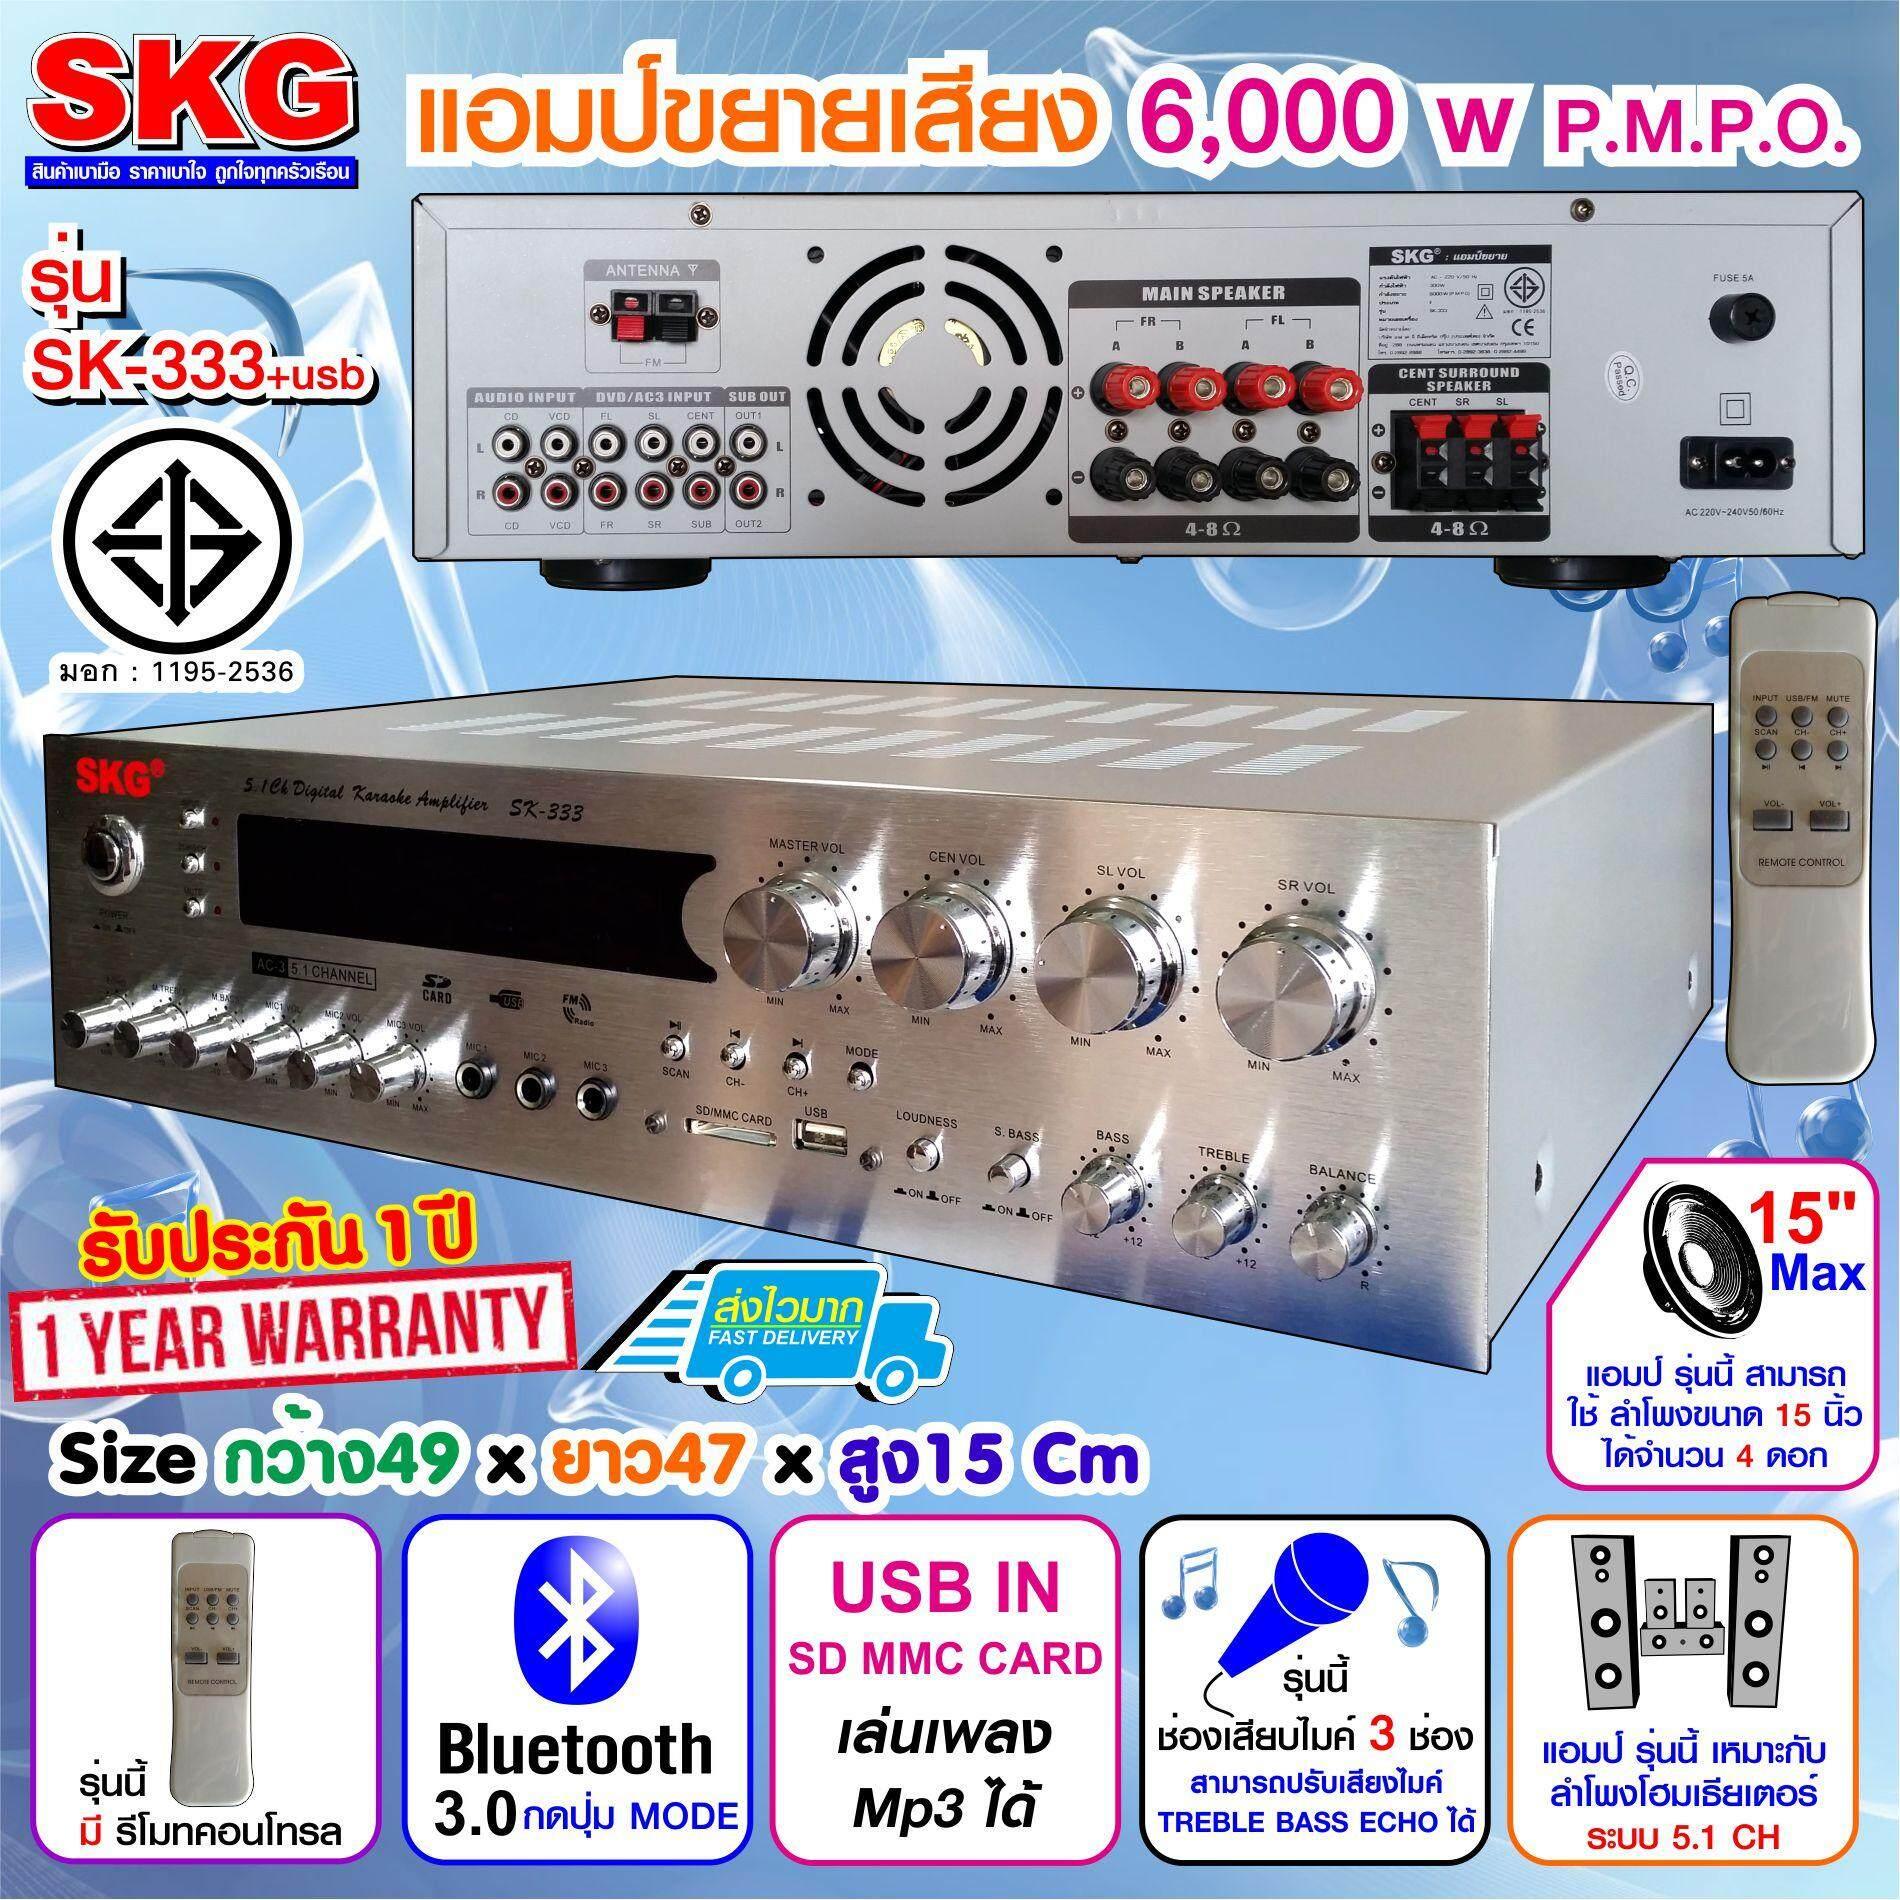 SKG เครื่องแอมป์ขยาย 5.1Ch 6000w P.M.P.O รุ่น SK-333 +USB  (สีเงิน)